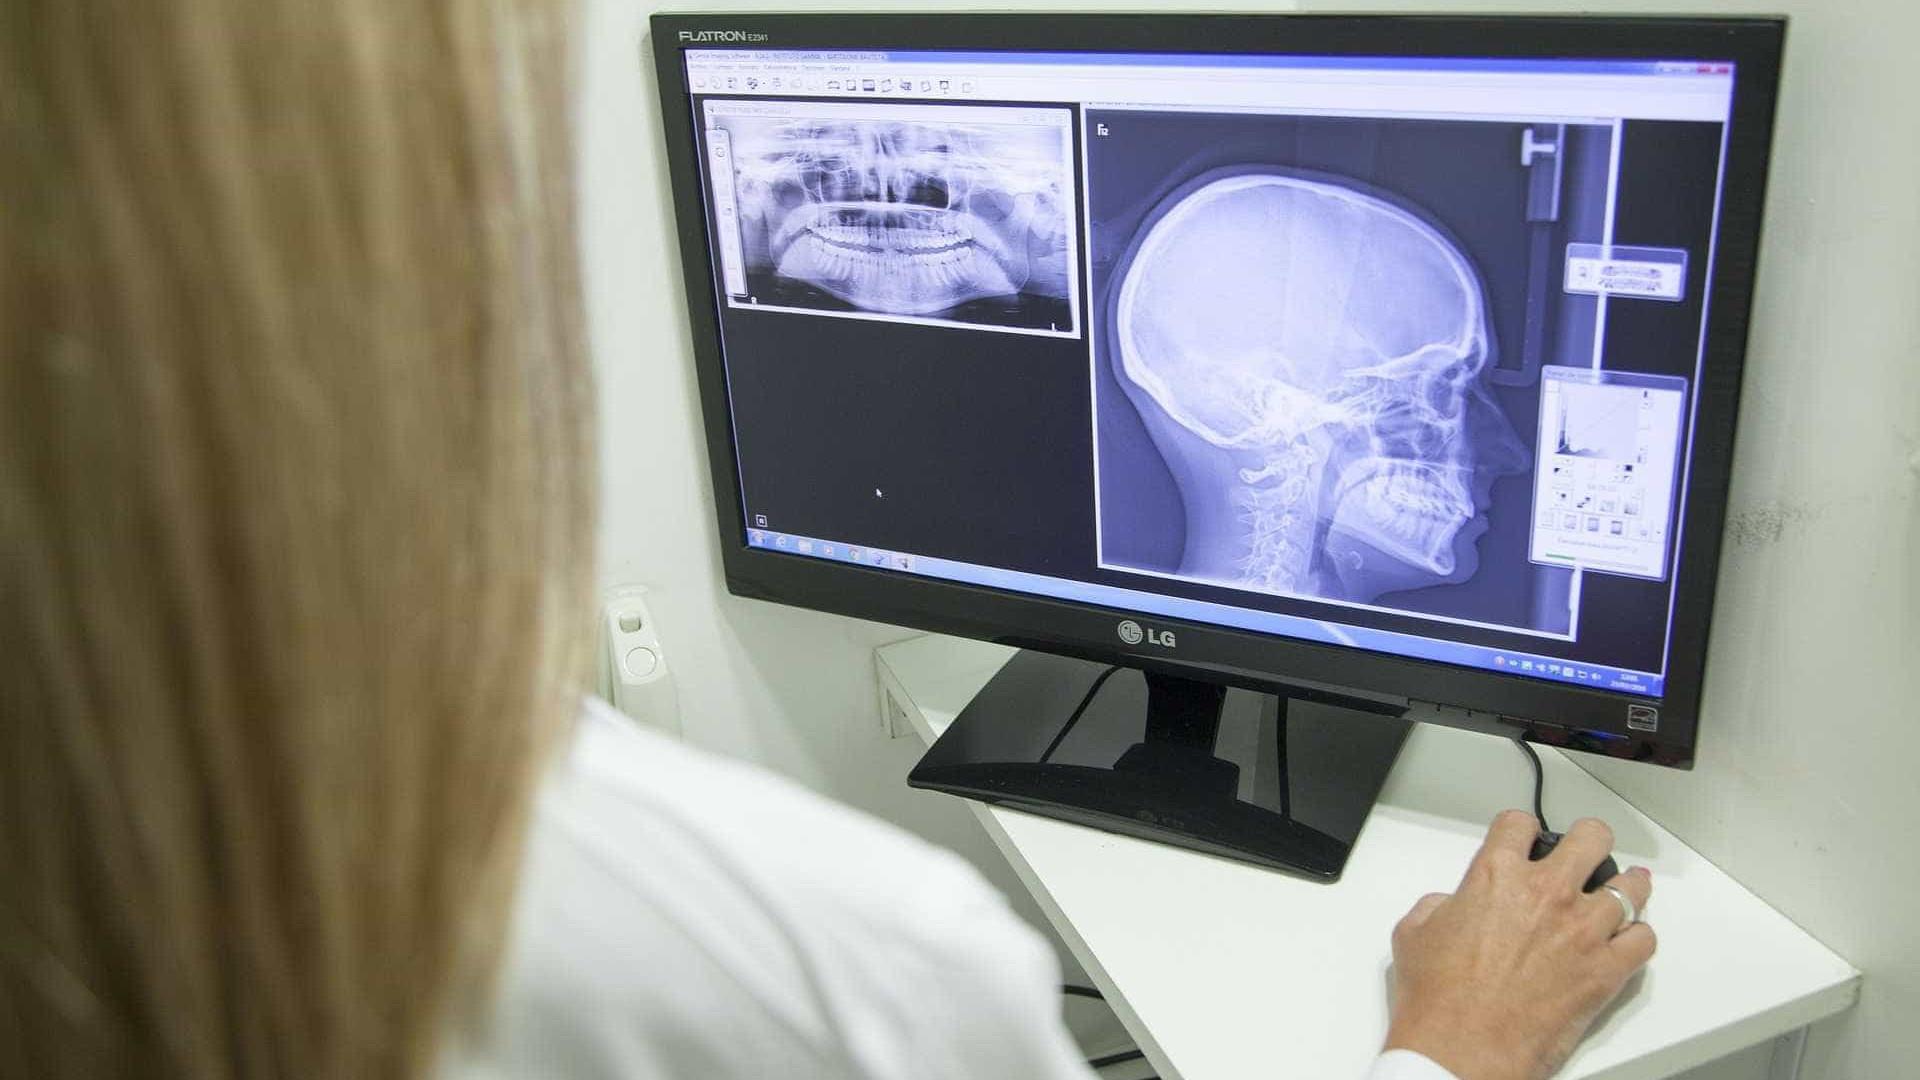 Exames com radiação em crianças crescem e campanha pede uso racional